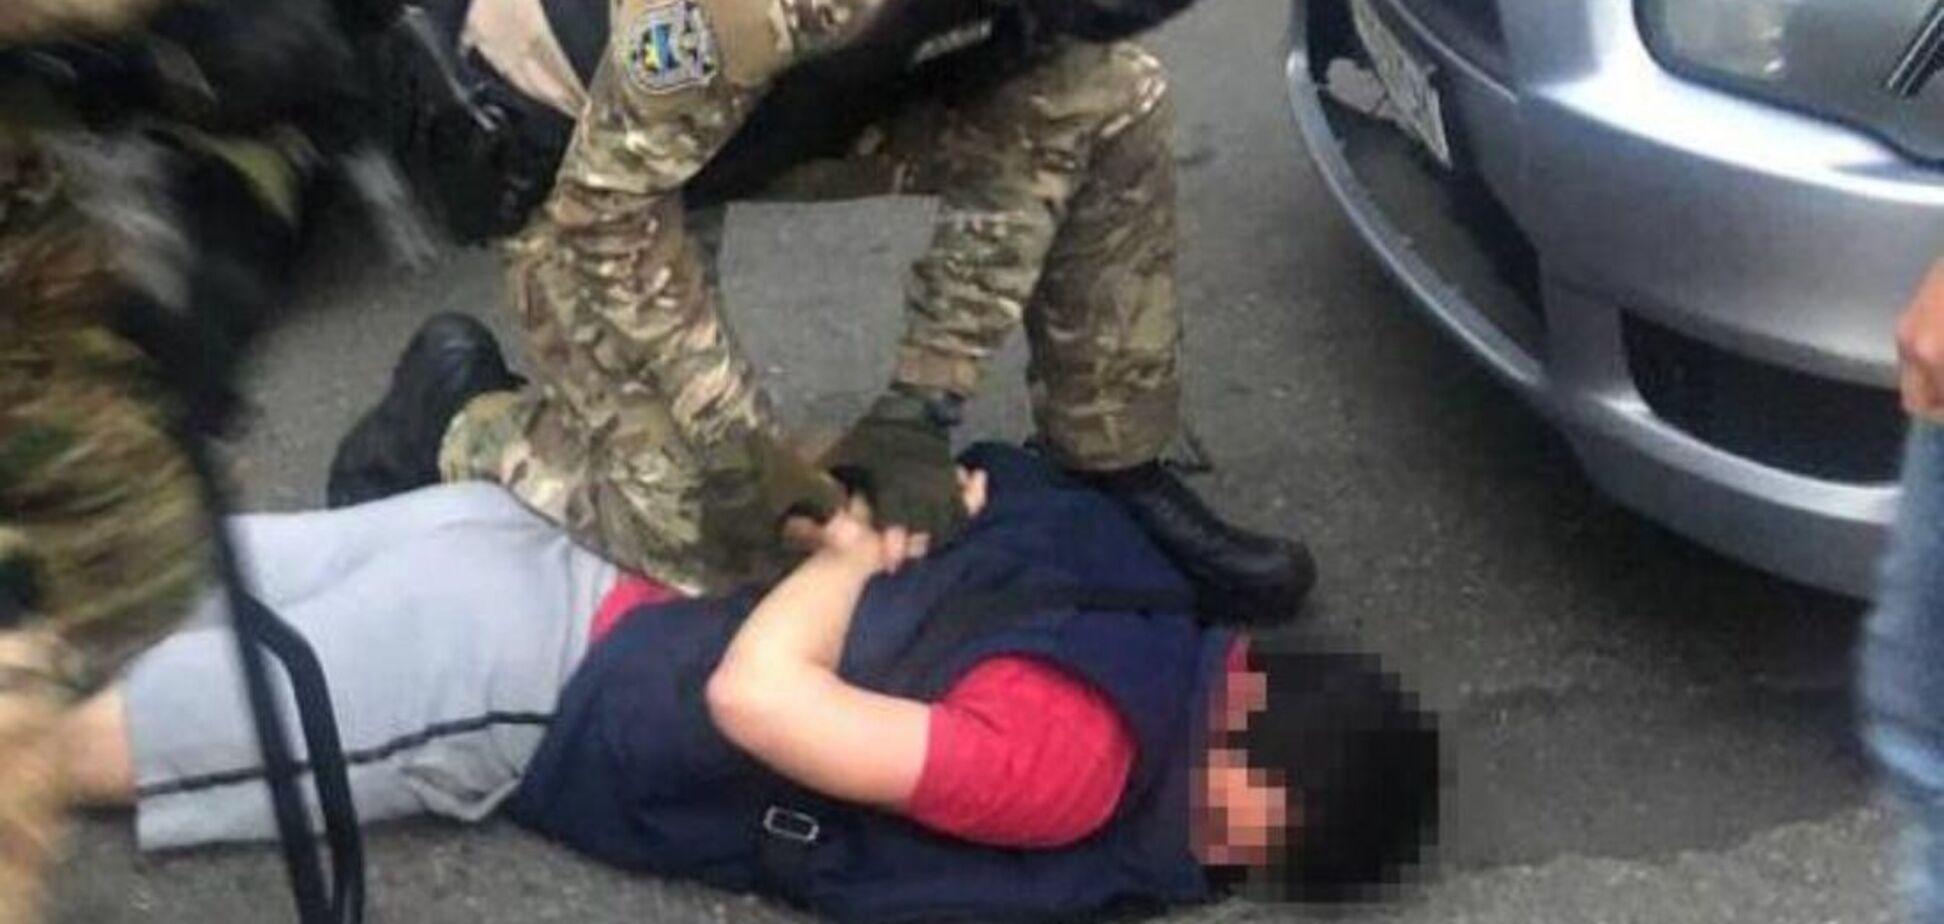 У Києві зловмисники викрали жінку й вимагали у неї виплатити уявний борг. Фото, відео